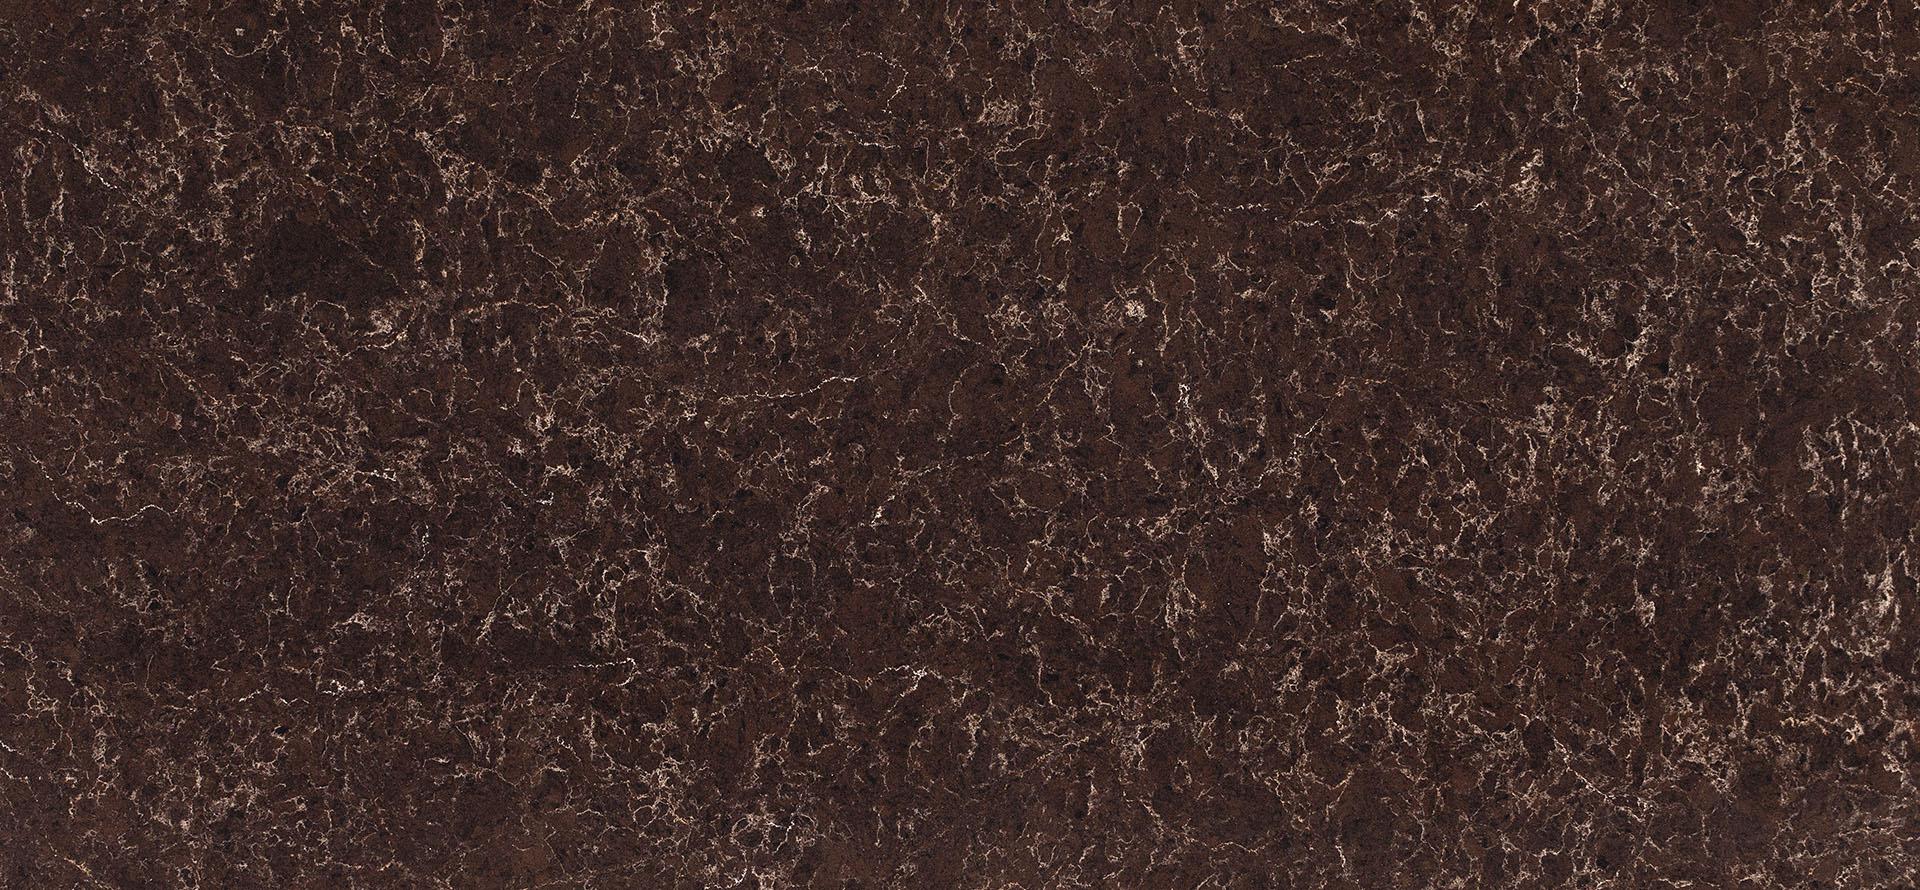 squarerooms-caesarstone-slab-surface-marble-quartz-brown-dark